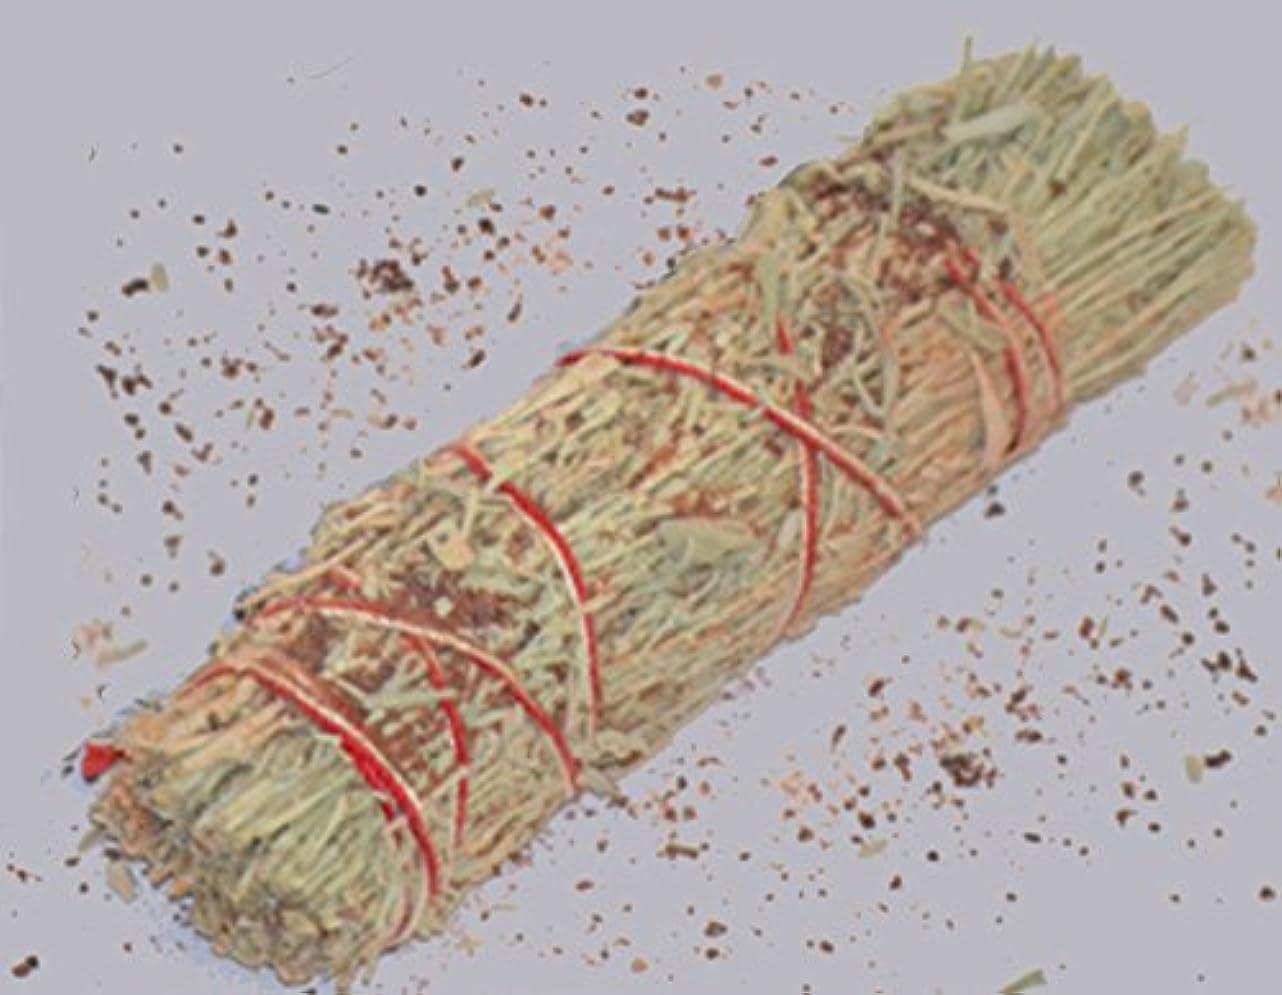 不良南方の討論3 – 4インチDragon 's Blood樹脂と山セージWand Smudgeバンドルクレンジング。Smudging、ハーブ、ウィッカ、Native American Sold by Sacred Tiger